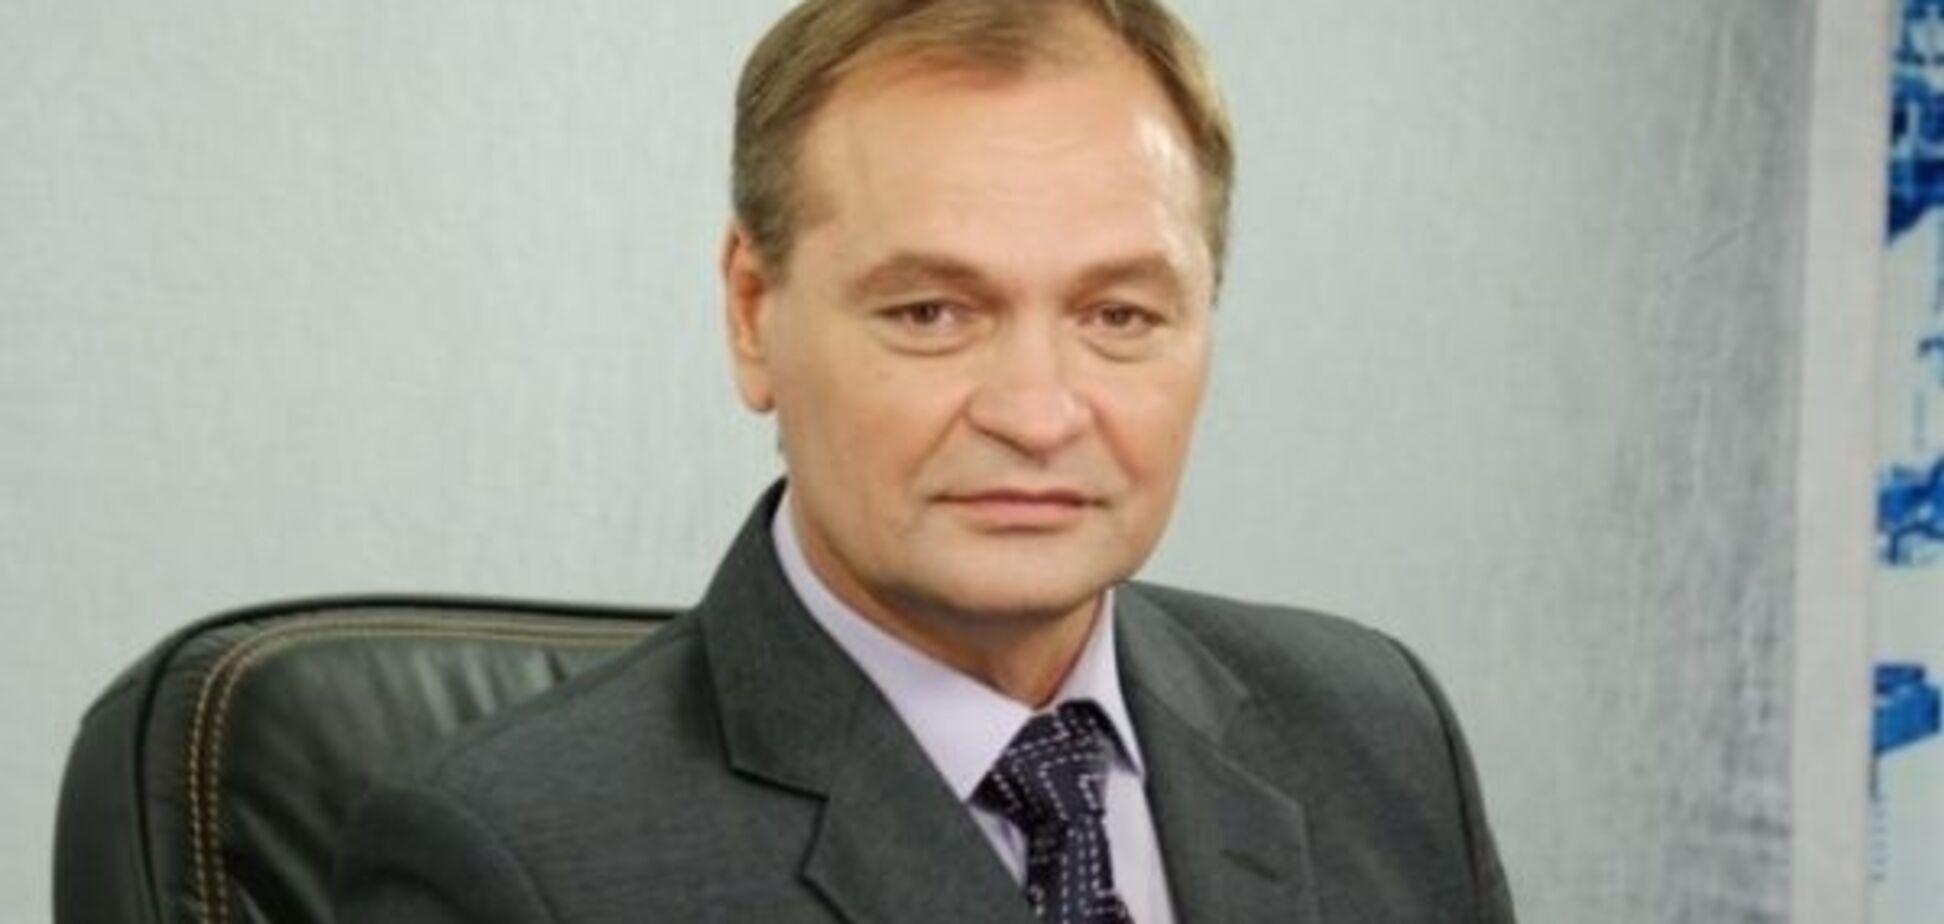 Обширный инфаркт: украинского нардепа экстренно госпитализировали